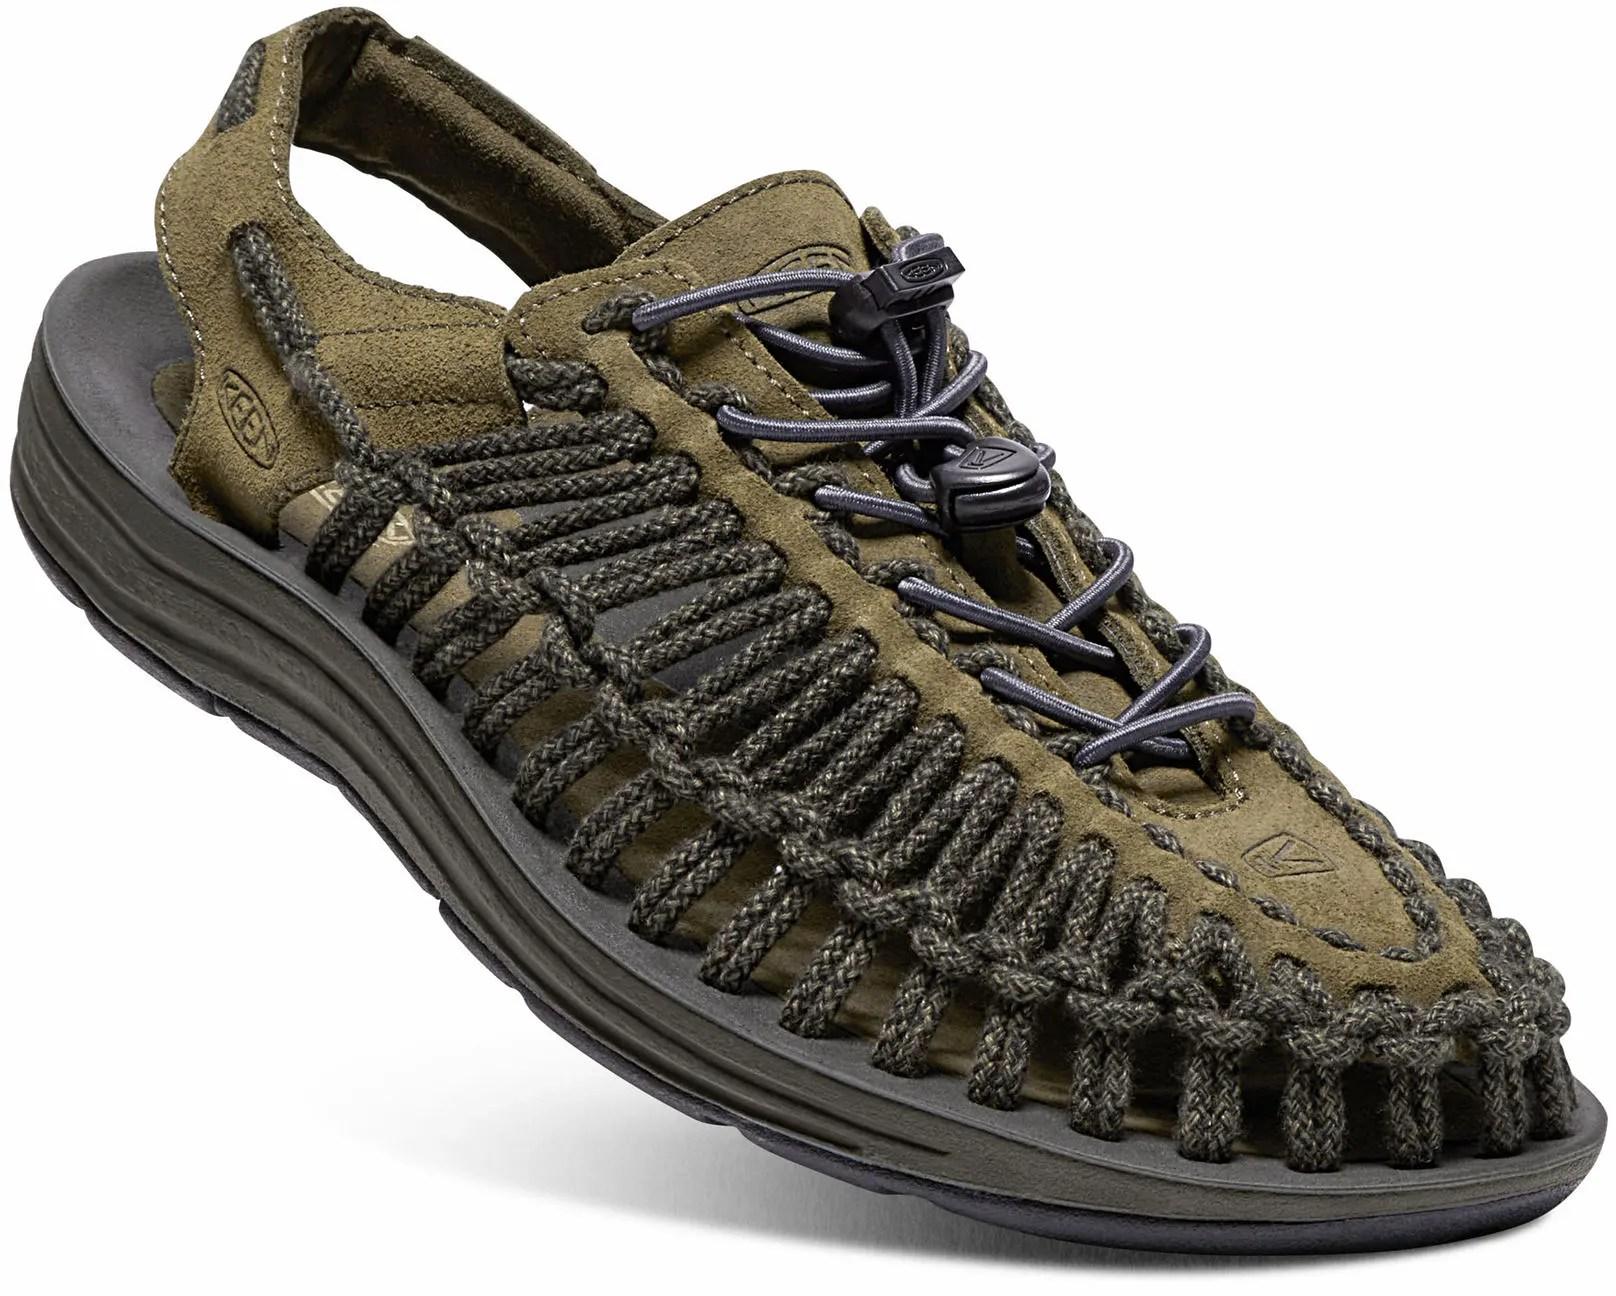 Keen Type Sandals